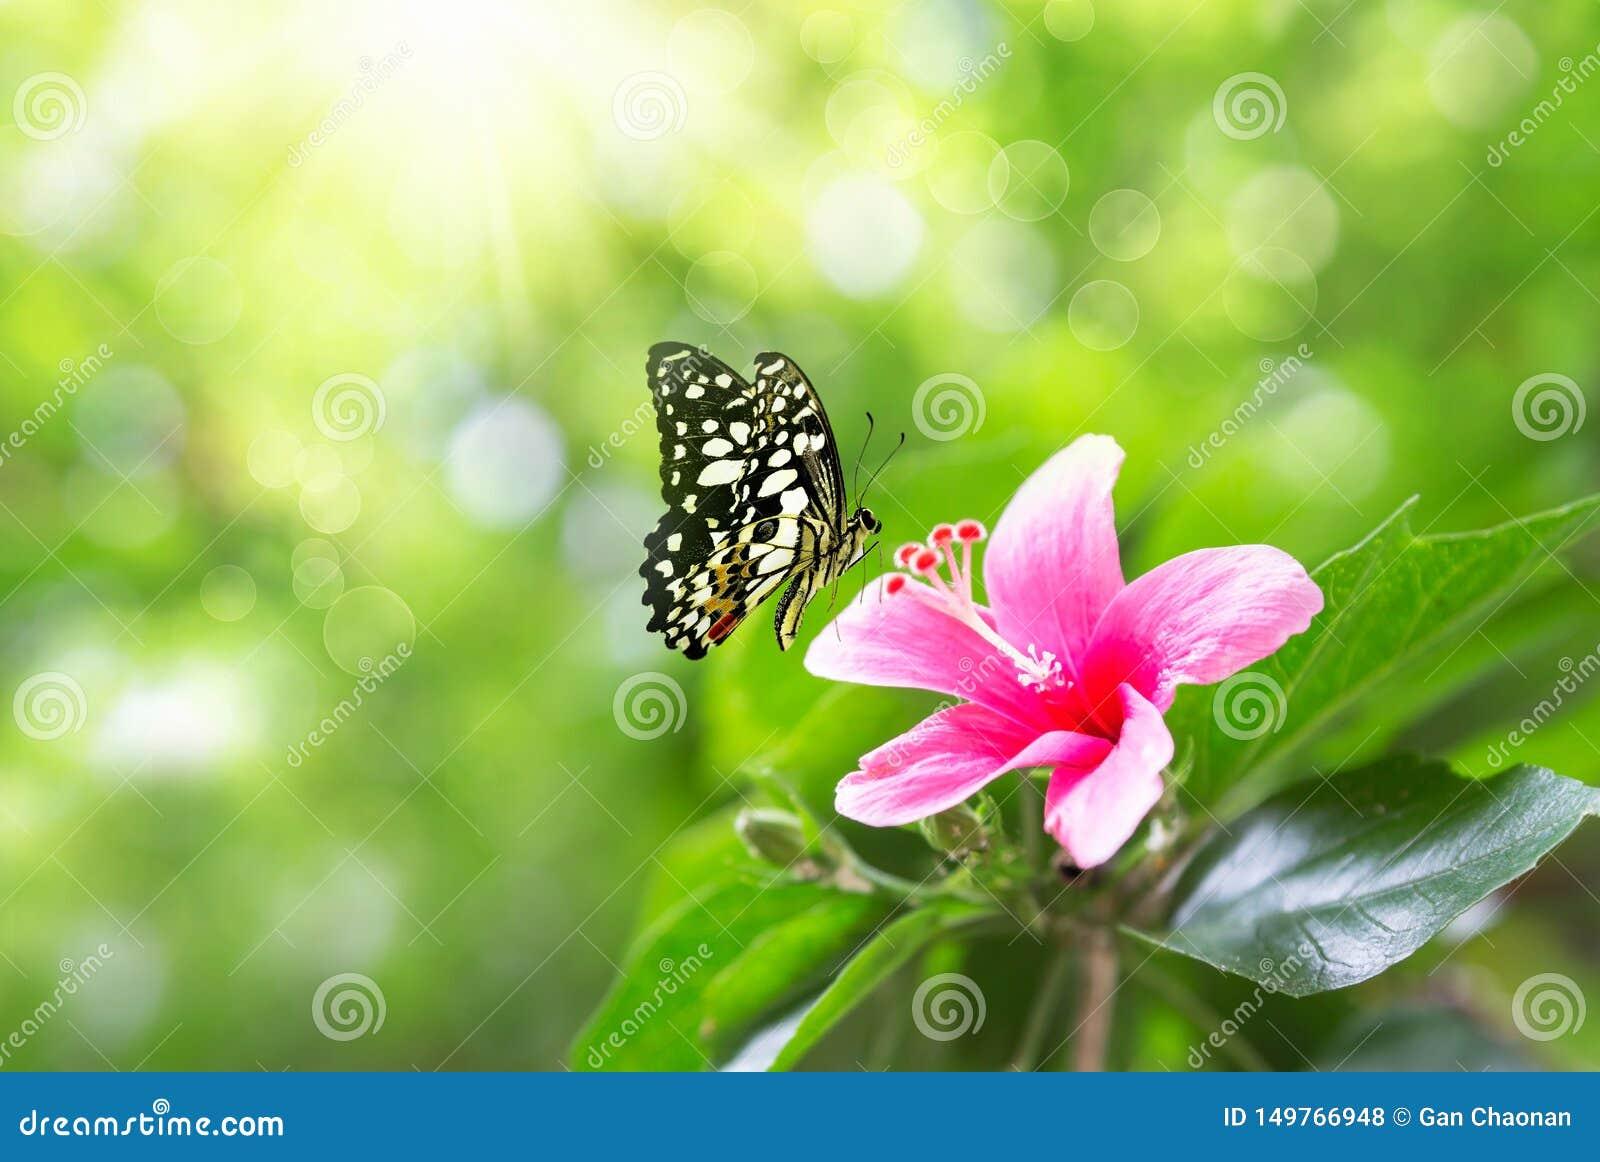 Mañana fresca de la primavera de las anémonas rosadas hermosas de la flor en la naturaleza y la mariposa que agita en el fondo ve